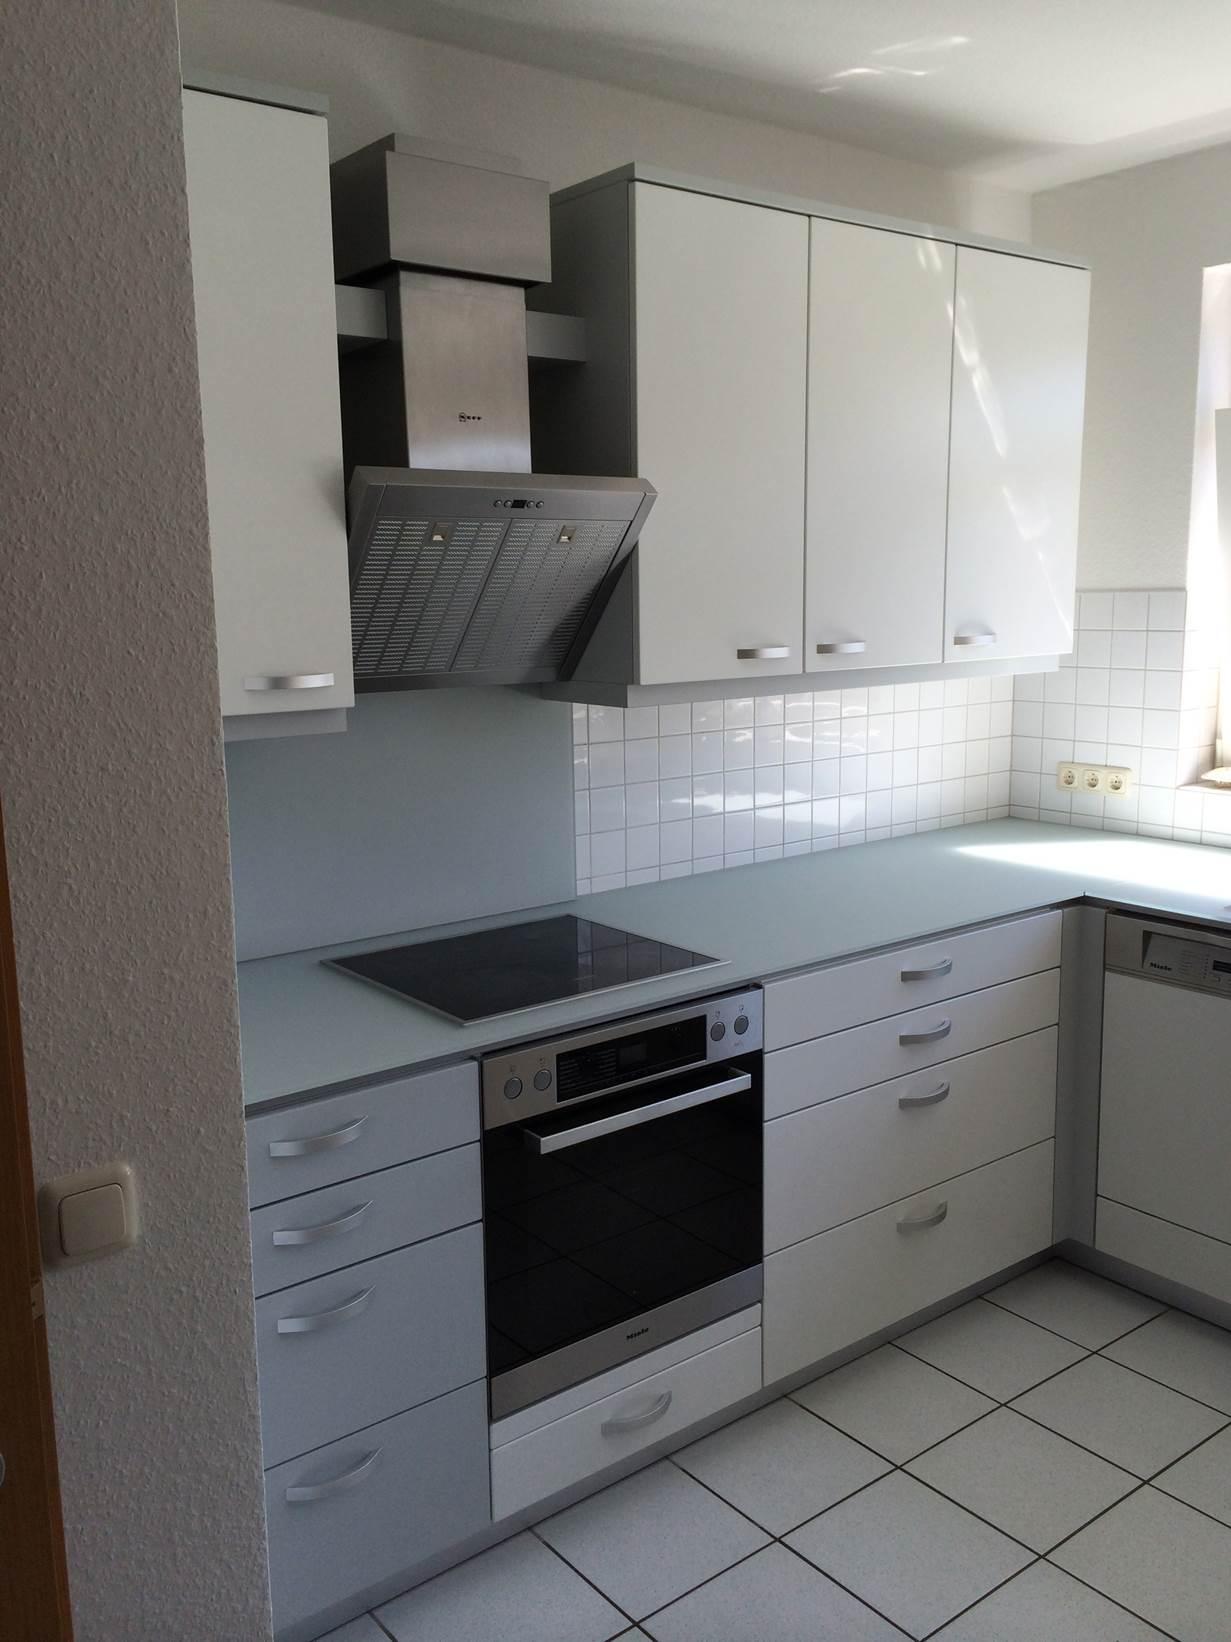 Umzug Einer Bestandsküche Aus Einem Großen Einfamilienhaus In Eine Wohnung  Mit Betreutem Wohnen